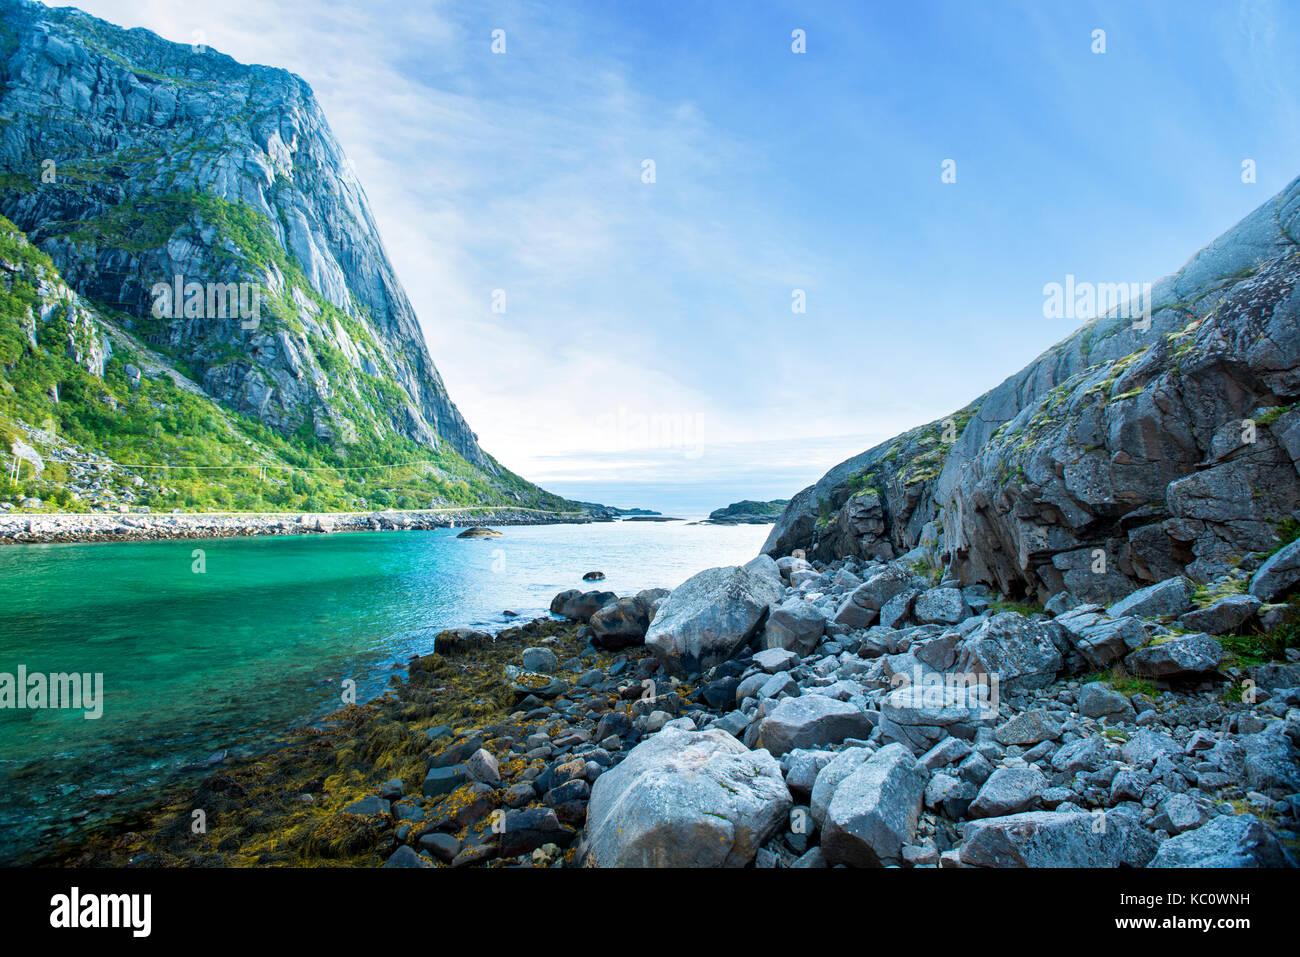 Mit Blick aufs Meer in der Nähe von Djupfjorden Henningsvær, Lofoten, Norwegen. Stockbild